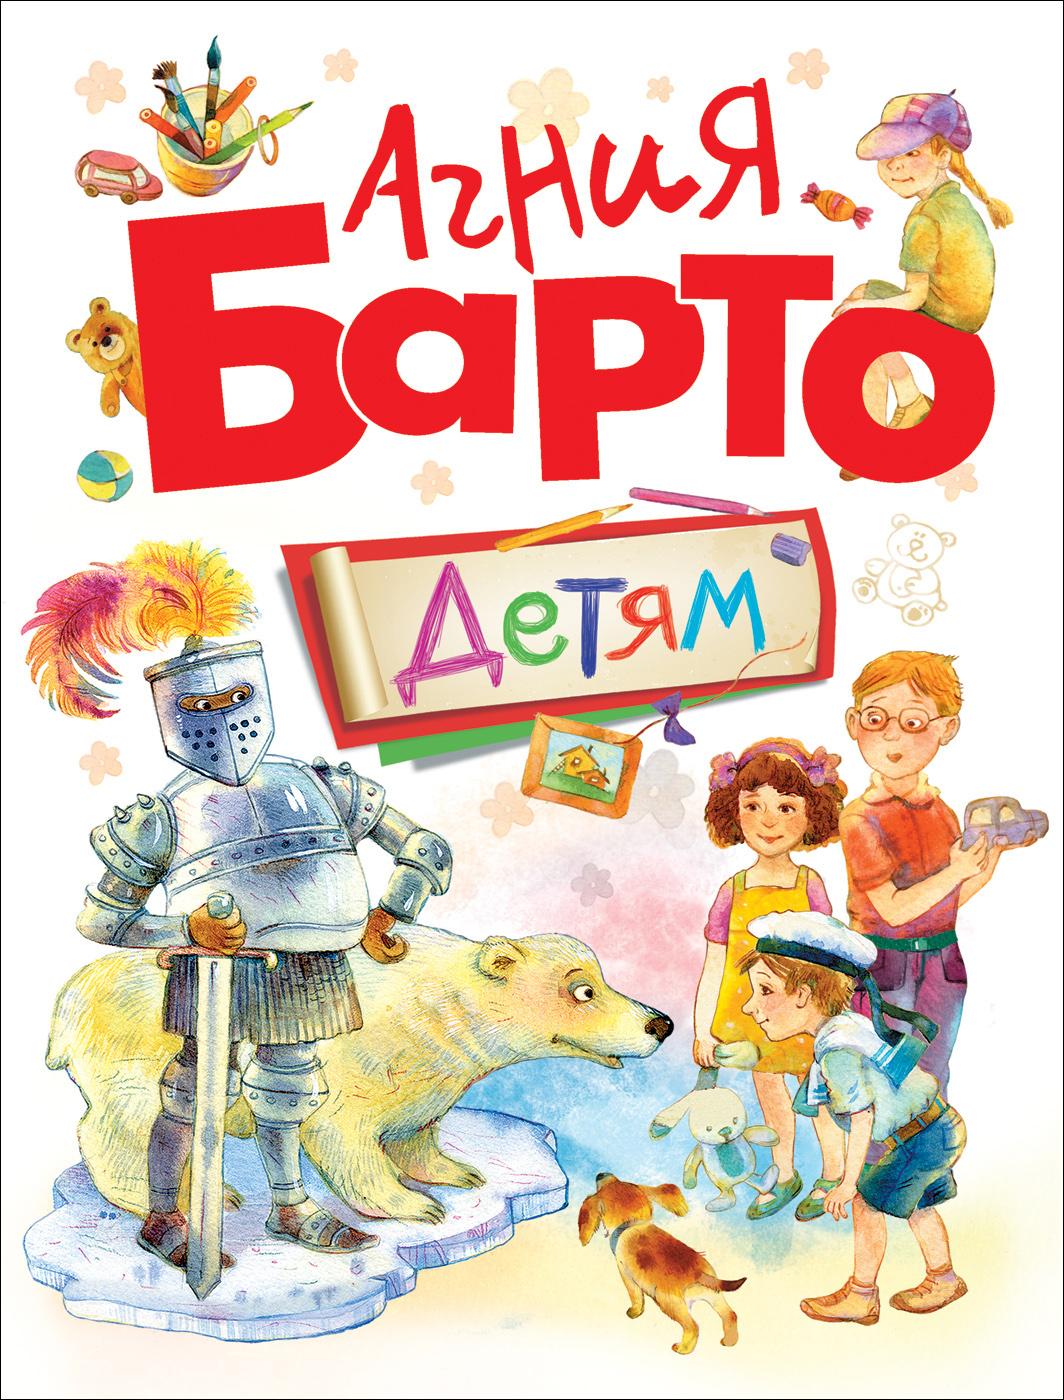 Купить Книга - Агния Барто - Детям, Росмэн